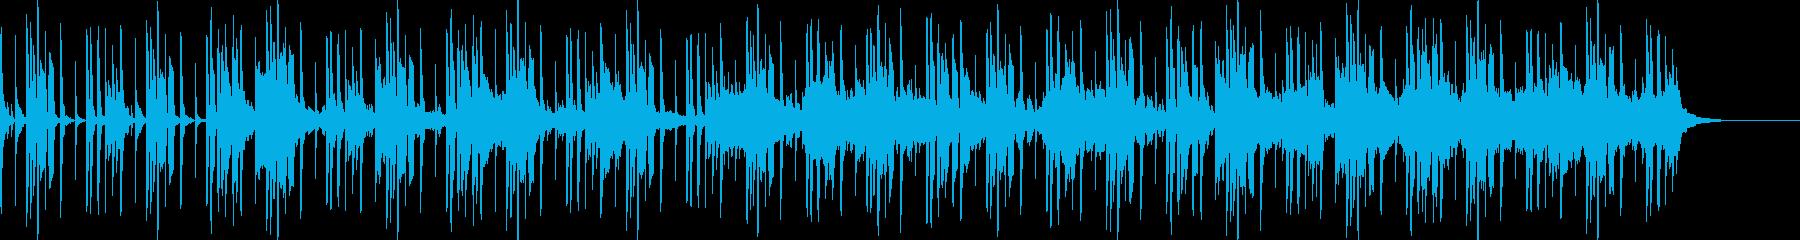 面白いのピット作りの再生済みの波形